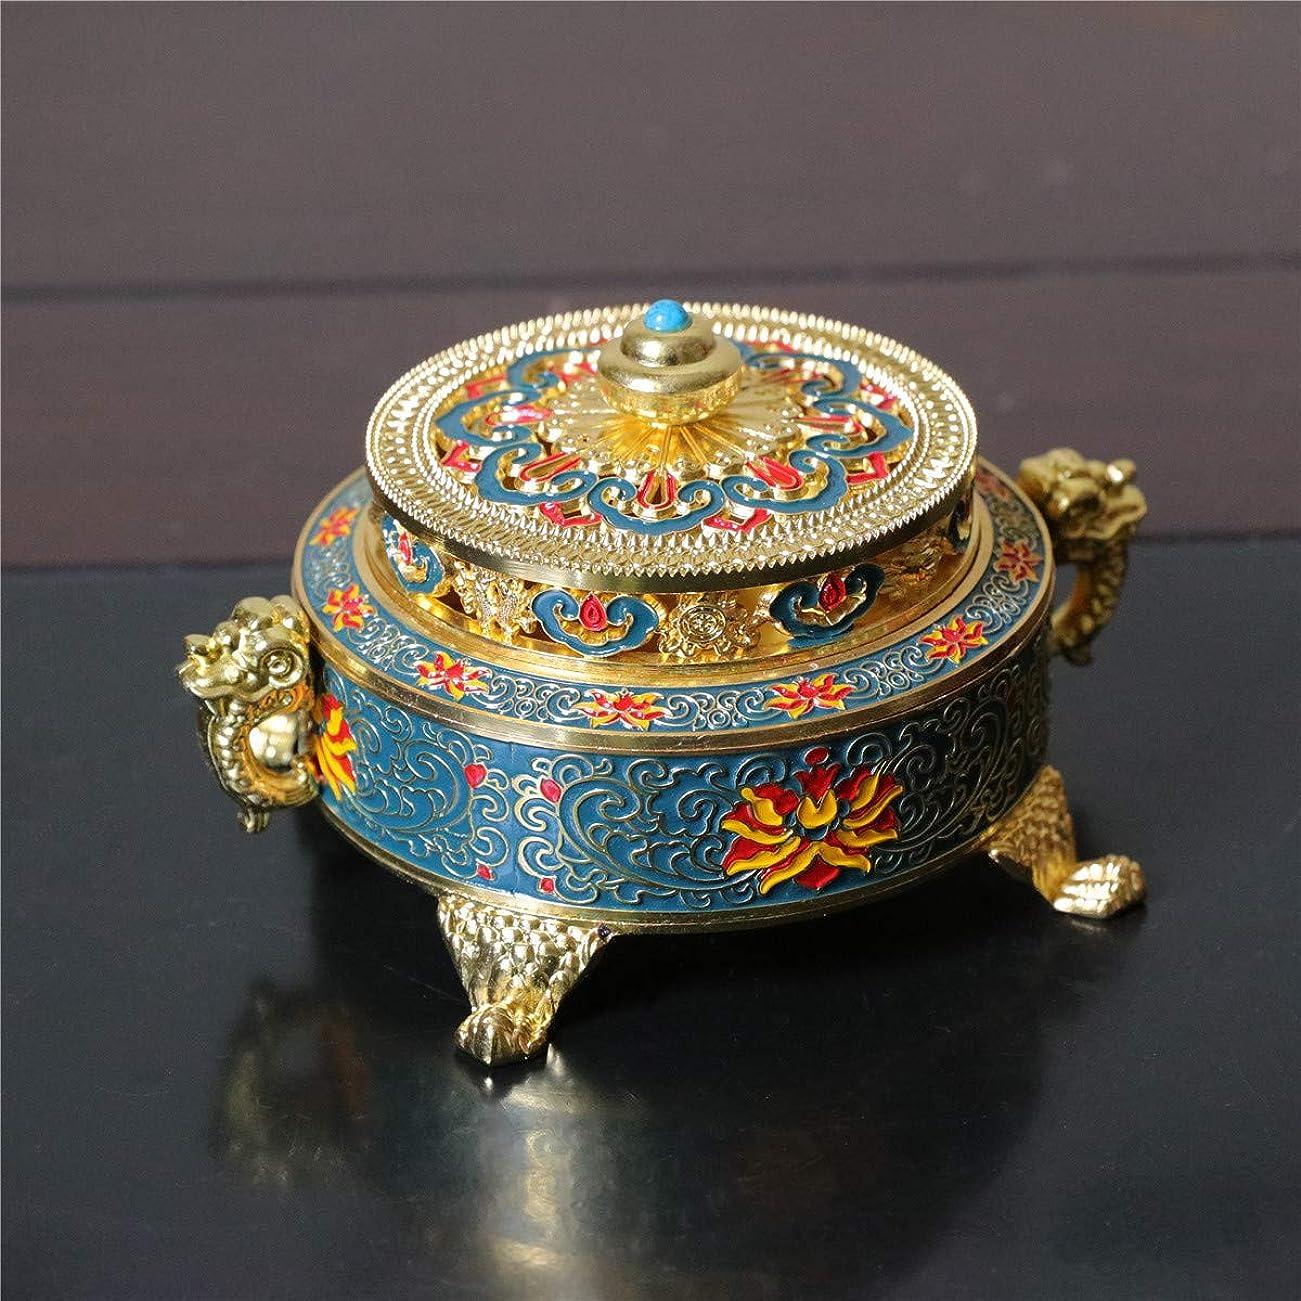 提案する言語異常PHILOGOD 香炉 美しく印刷渦巻き線香 香立て 仏壇用 香皿 (Blue Enamel)